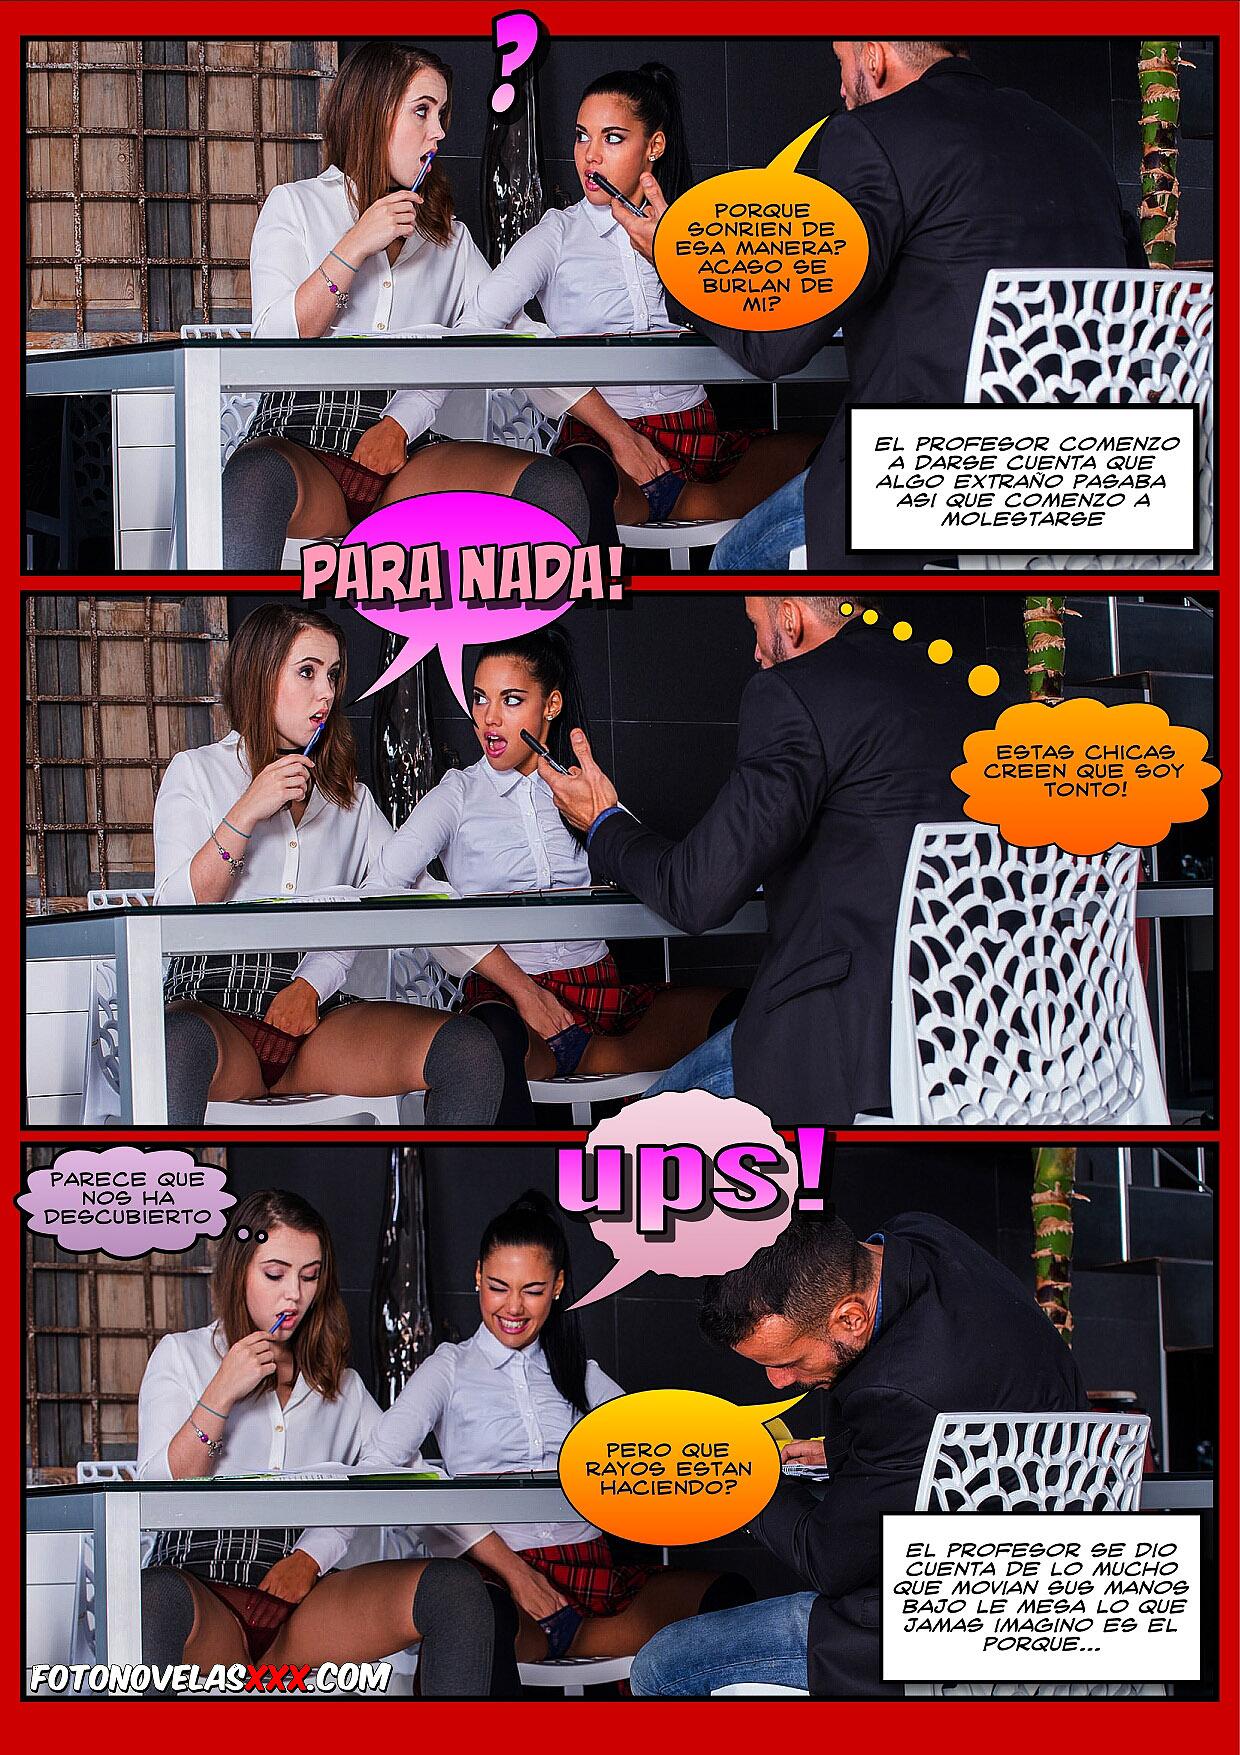 mejorando las notas foto-comic pag3